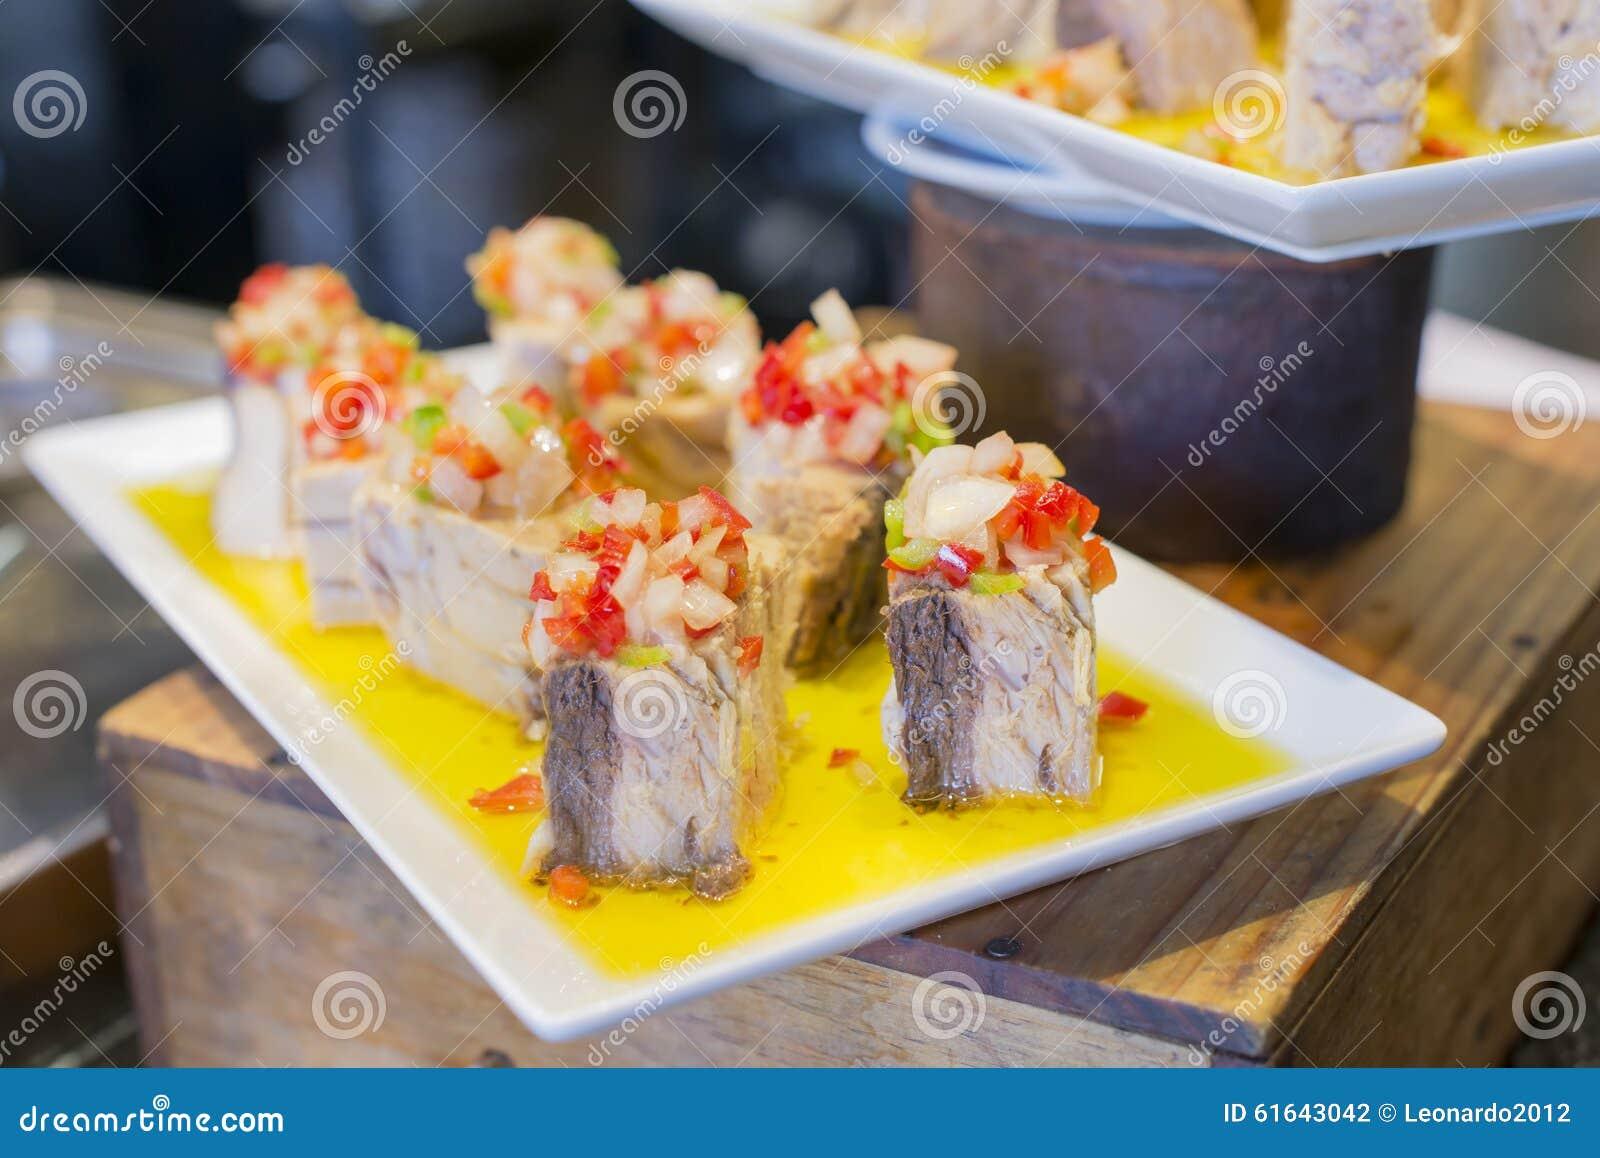 Spanische Tapas, Baskische Küche, Pintxos Bilbao, Spanien Stockfoto ...